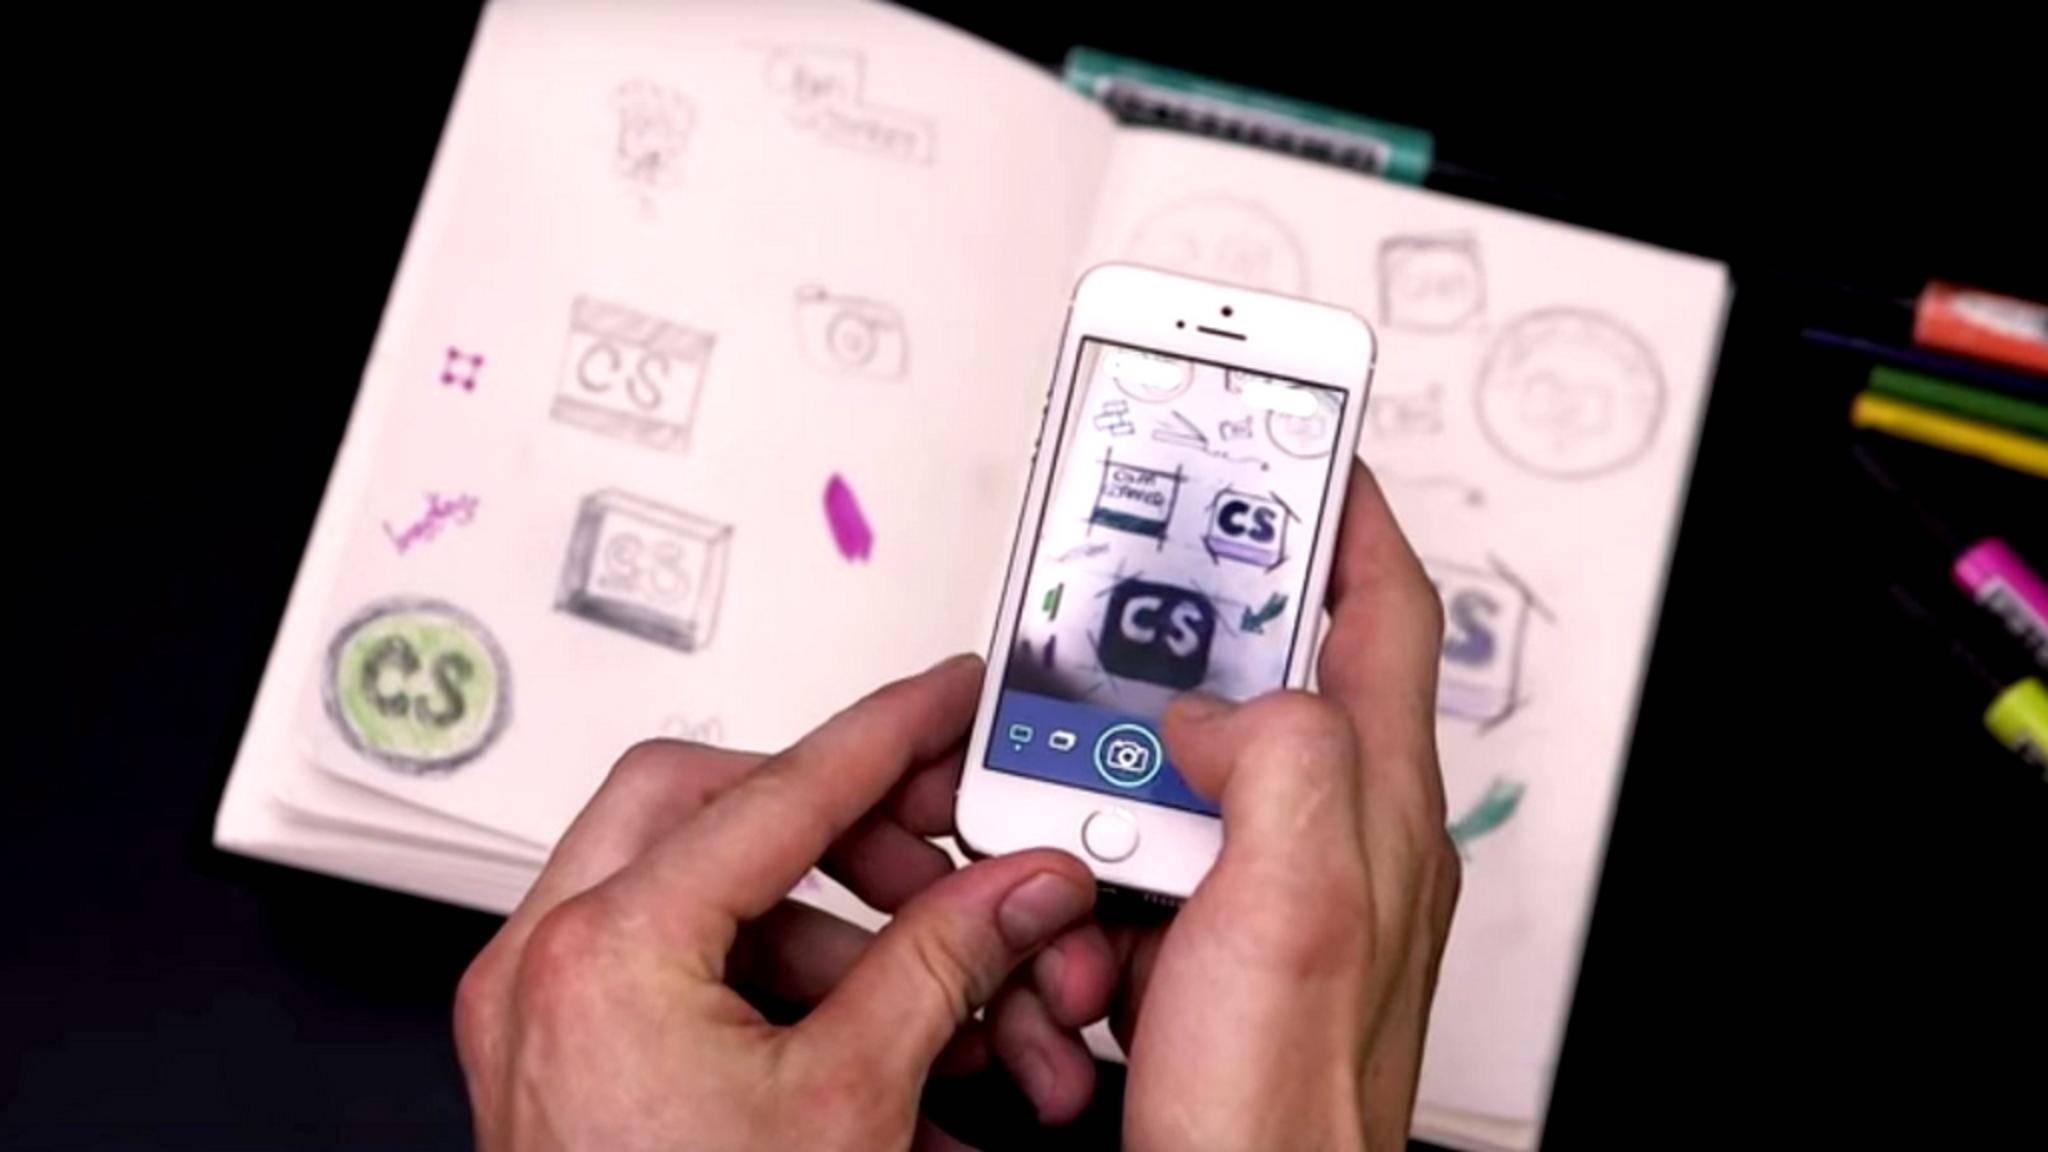 Mit Scanner-Apps wird Dein Smartphone zum mobilen Mini-Scanner.